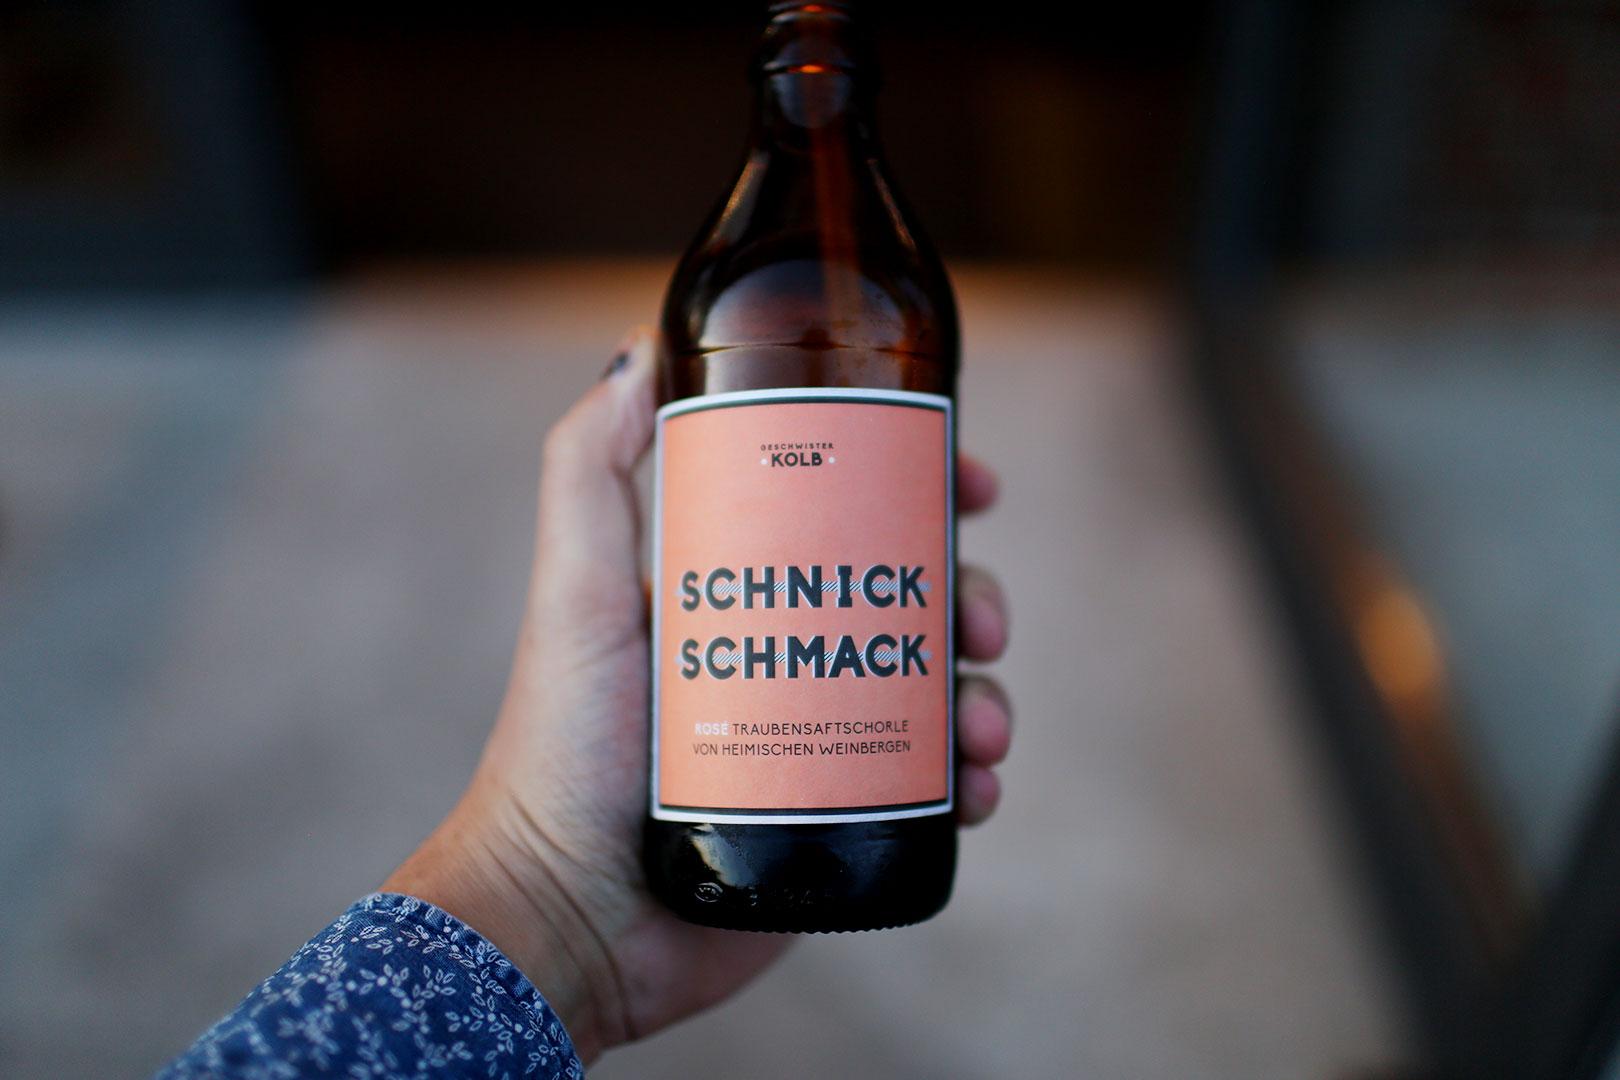 Schnick Schnack